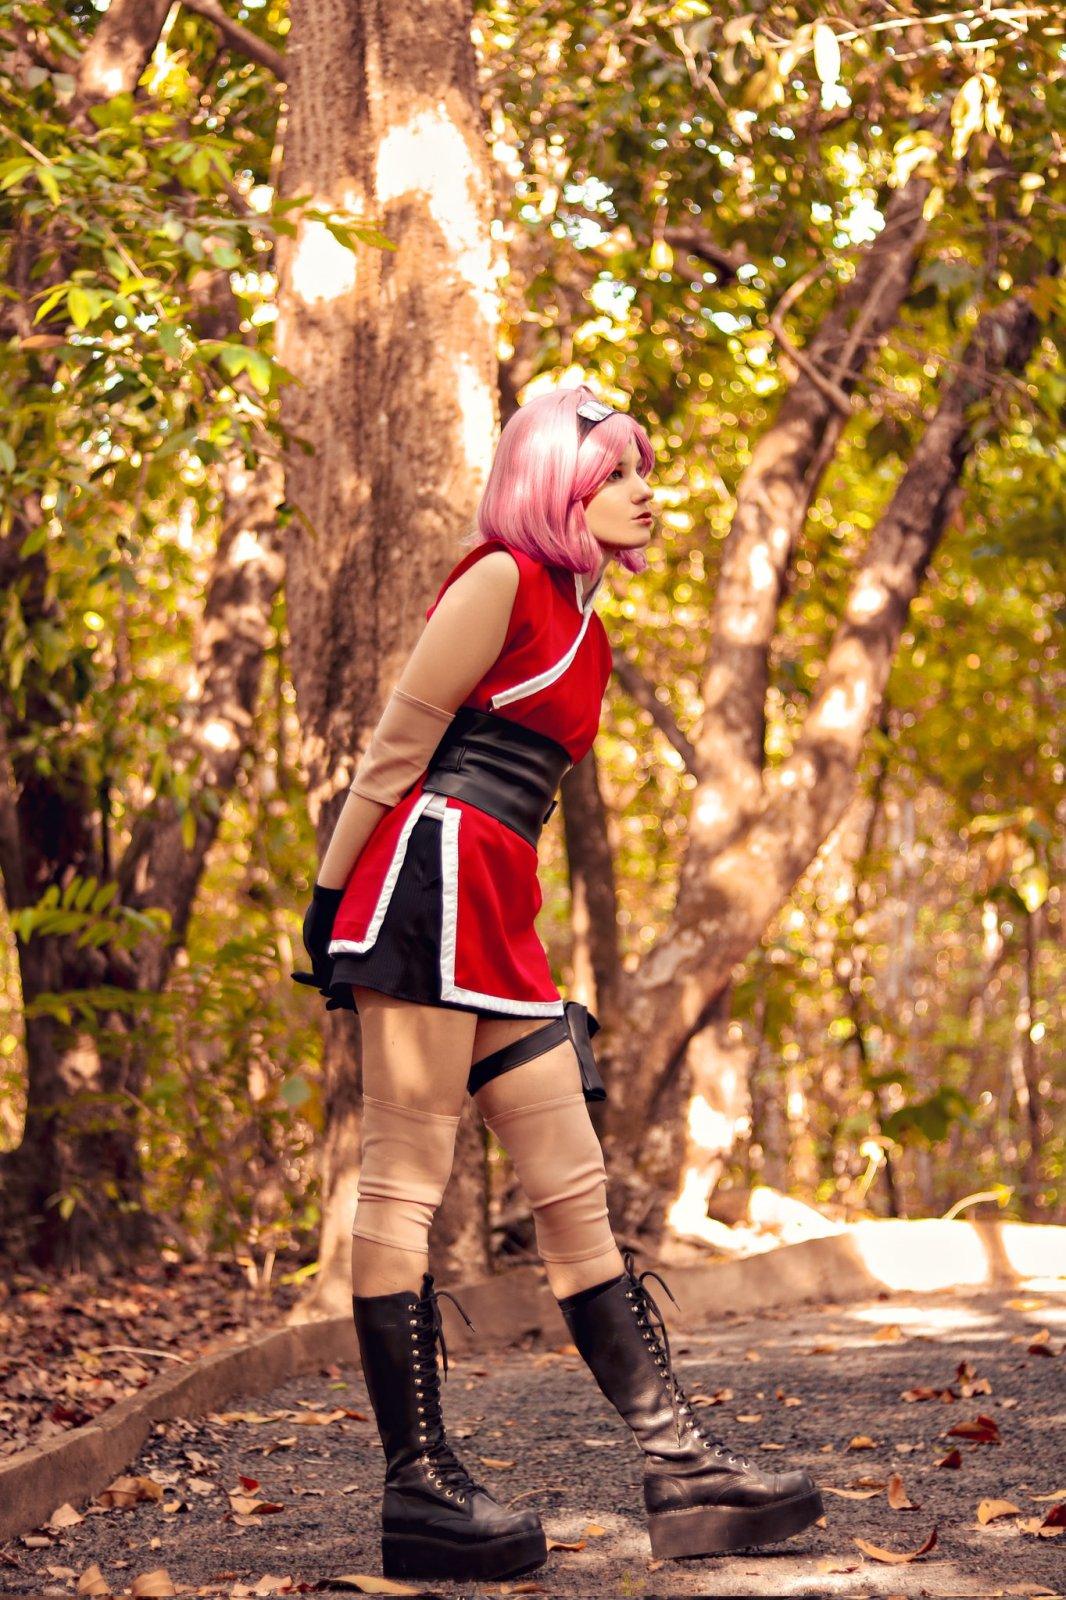 Sakura Haruno Cosplay - Naruto - Yuzarus 01